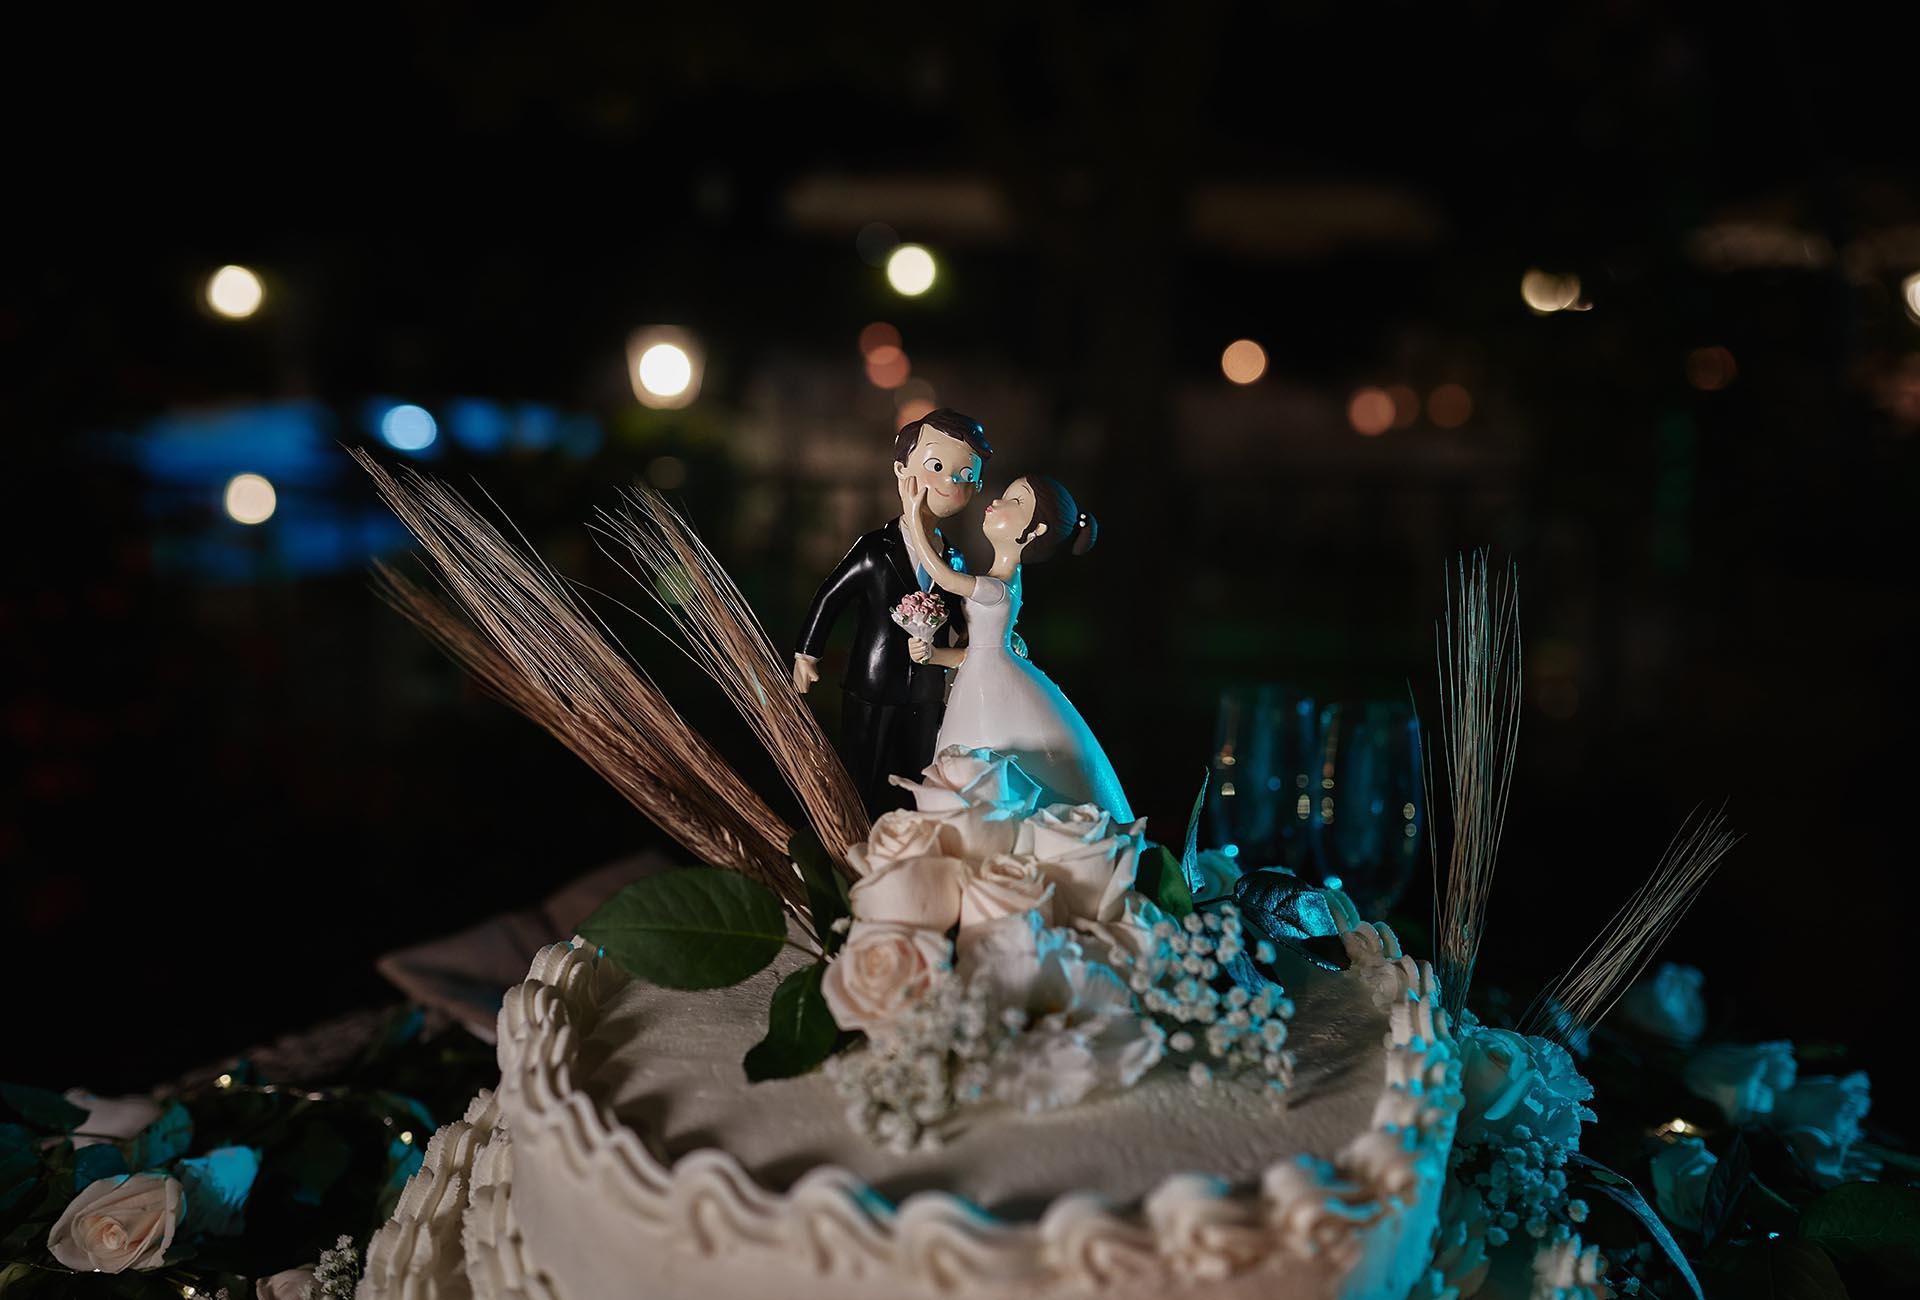 matrimonio-a-Roma-11